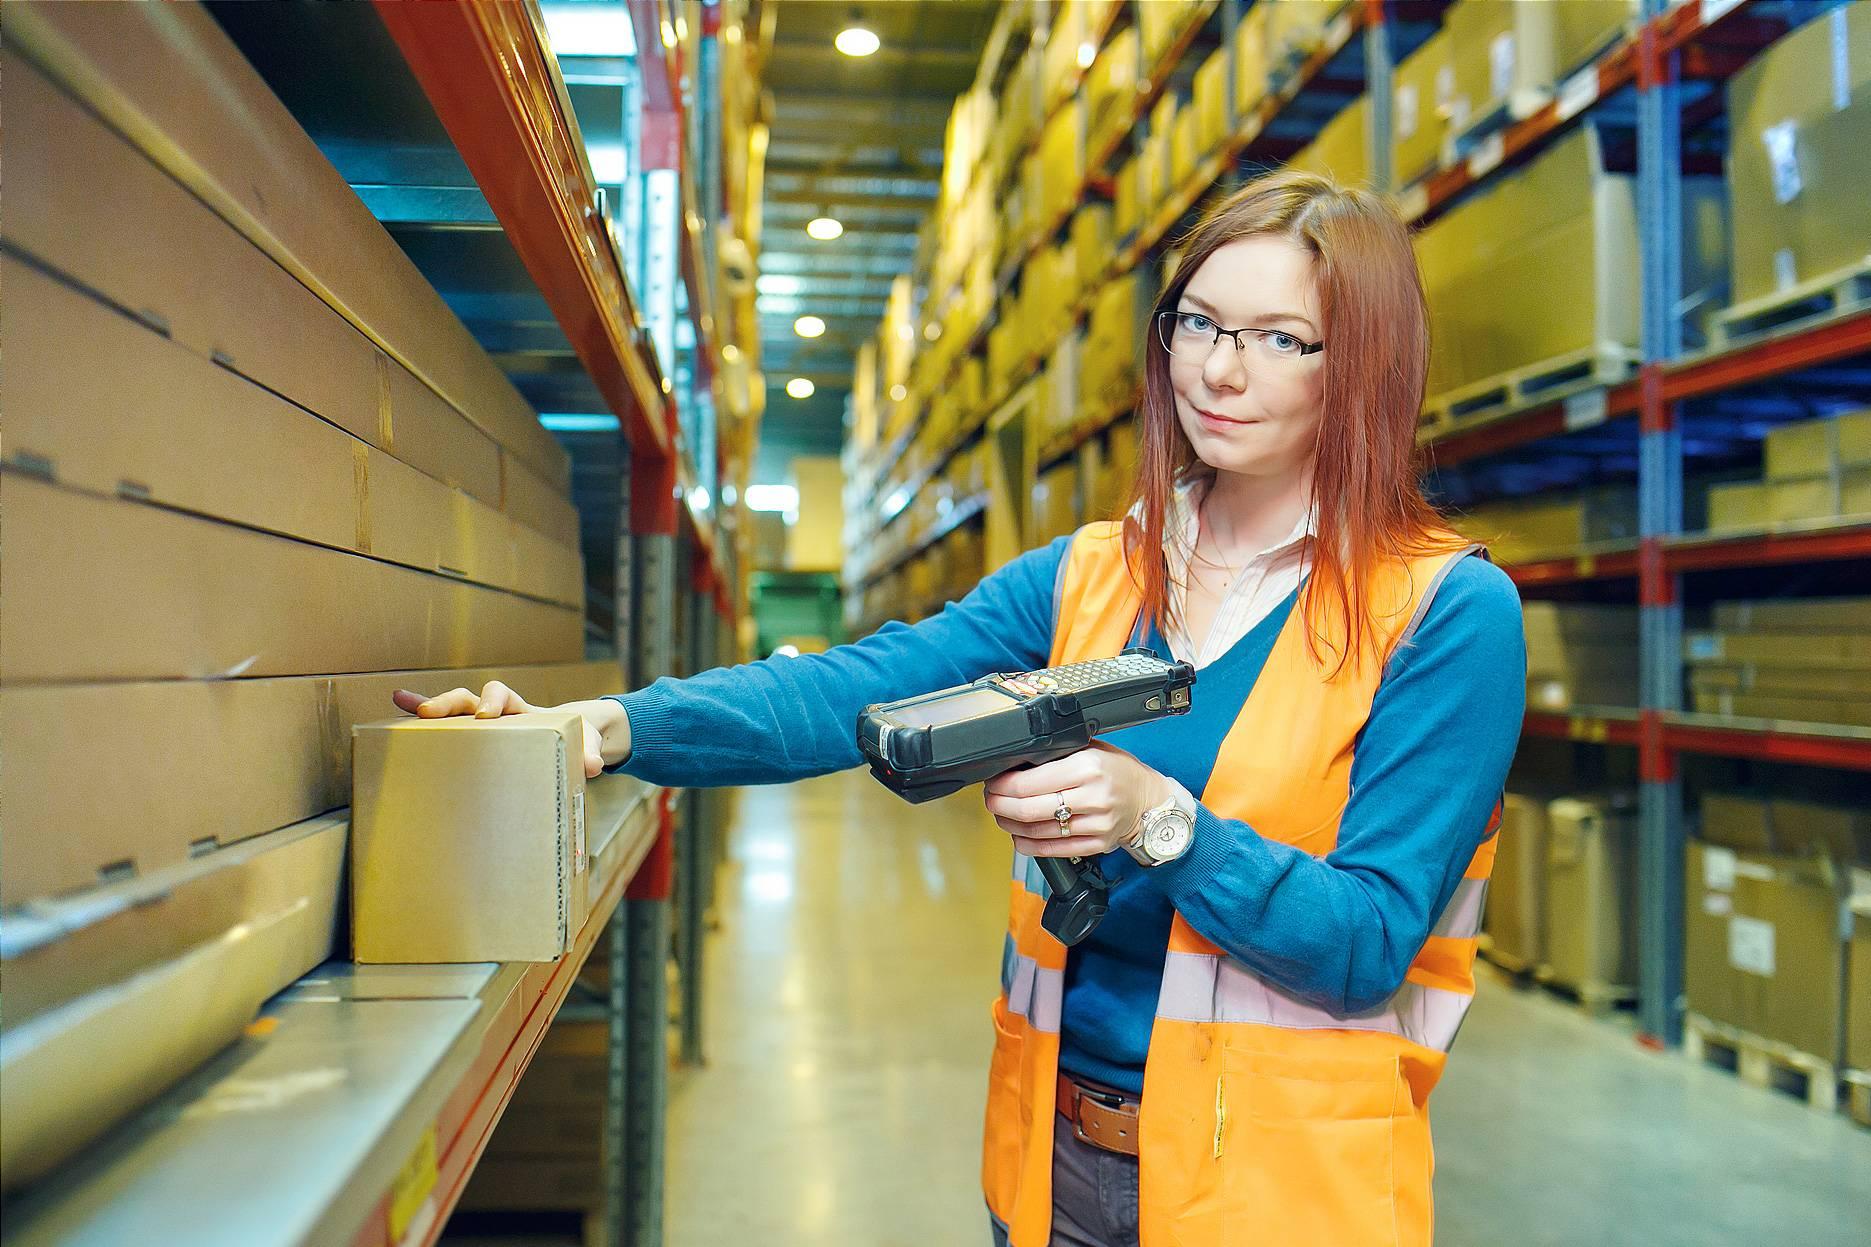 Работа в польше - краков - свежие вакансии 2021 - 20+ профессий